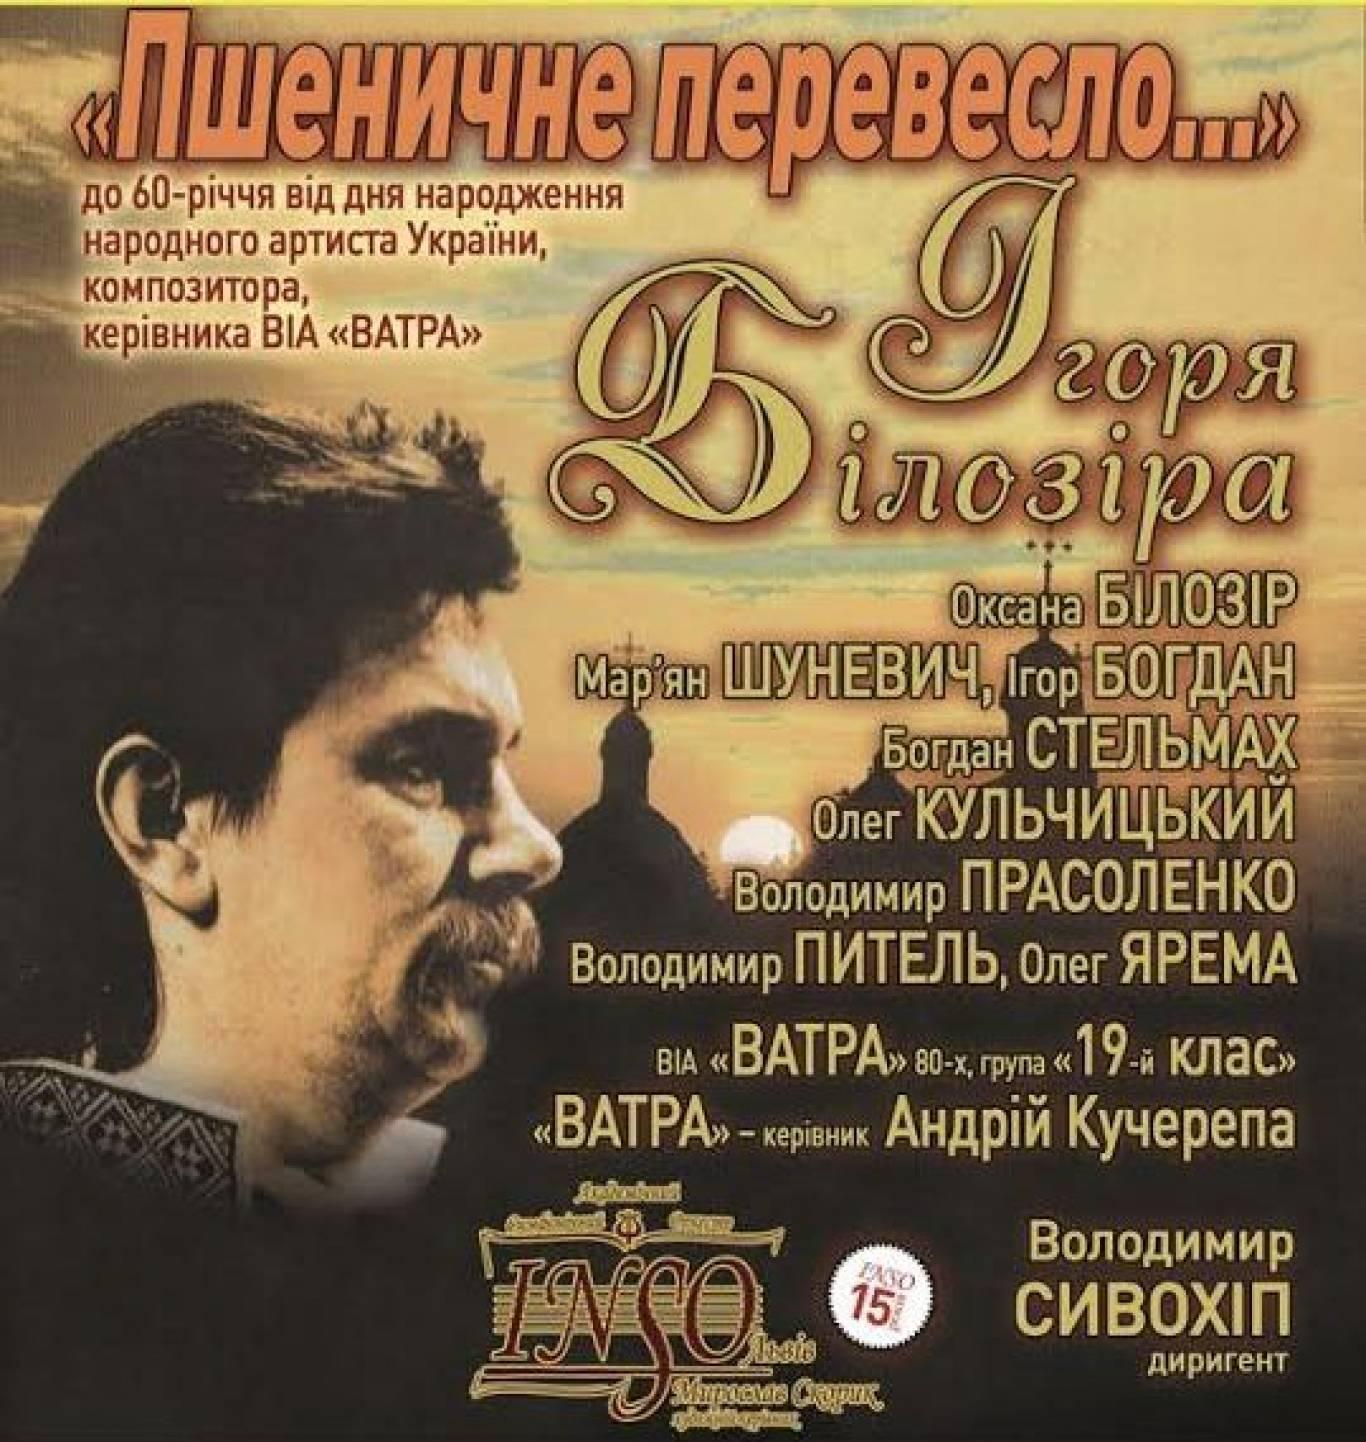 Концерт пам'яті Ігоря Білозіра